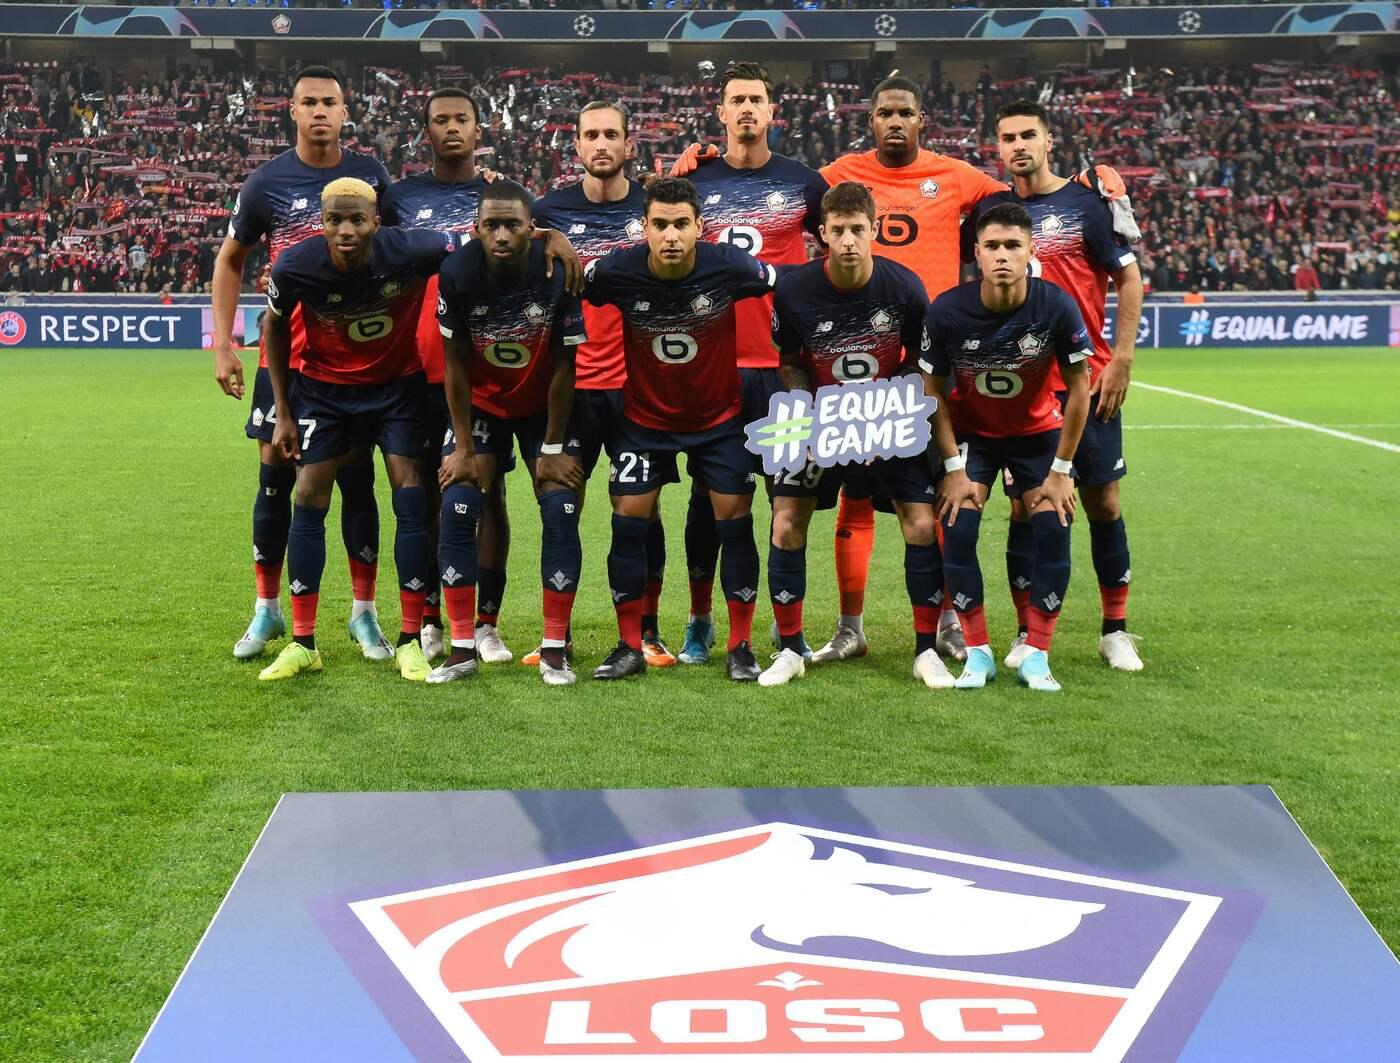 Pronostico Reims-Rennes 16 febbraio: le quote di Ligue 1